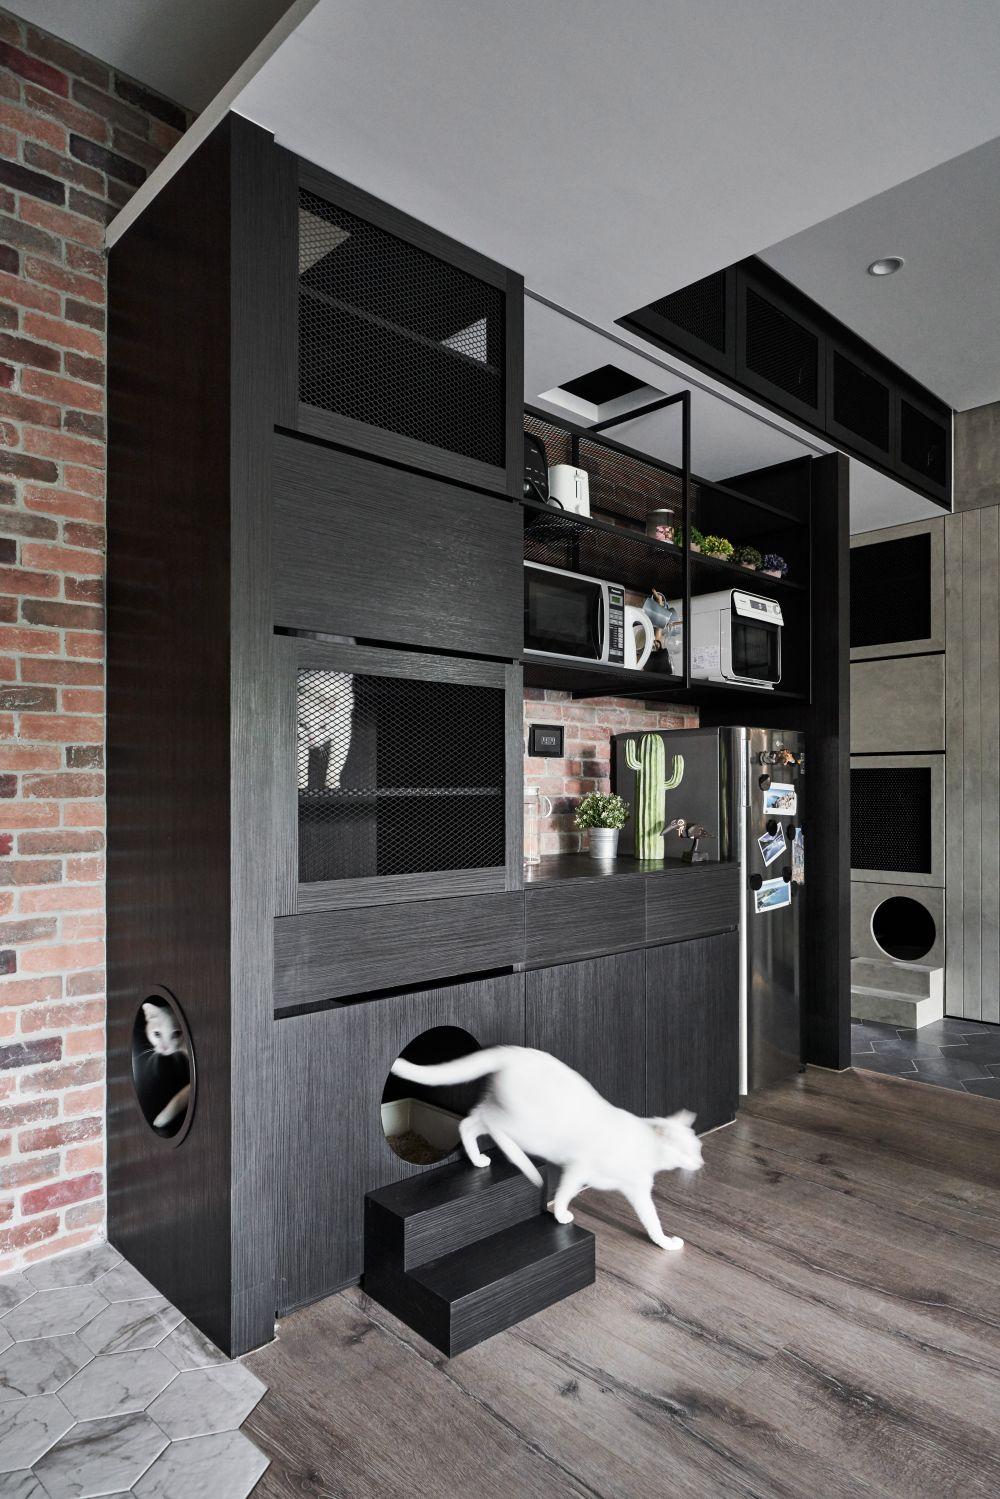 貓宅案例分享_1 房+2 貓屋,讓工業風變成優雅寵物宅